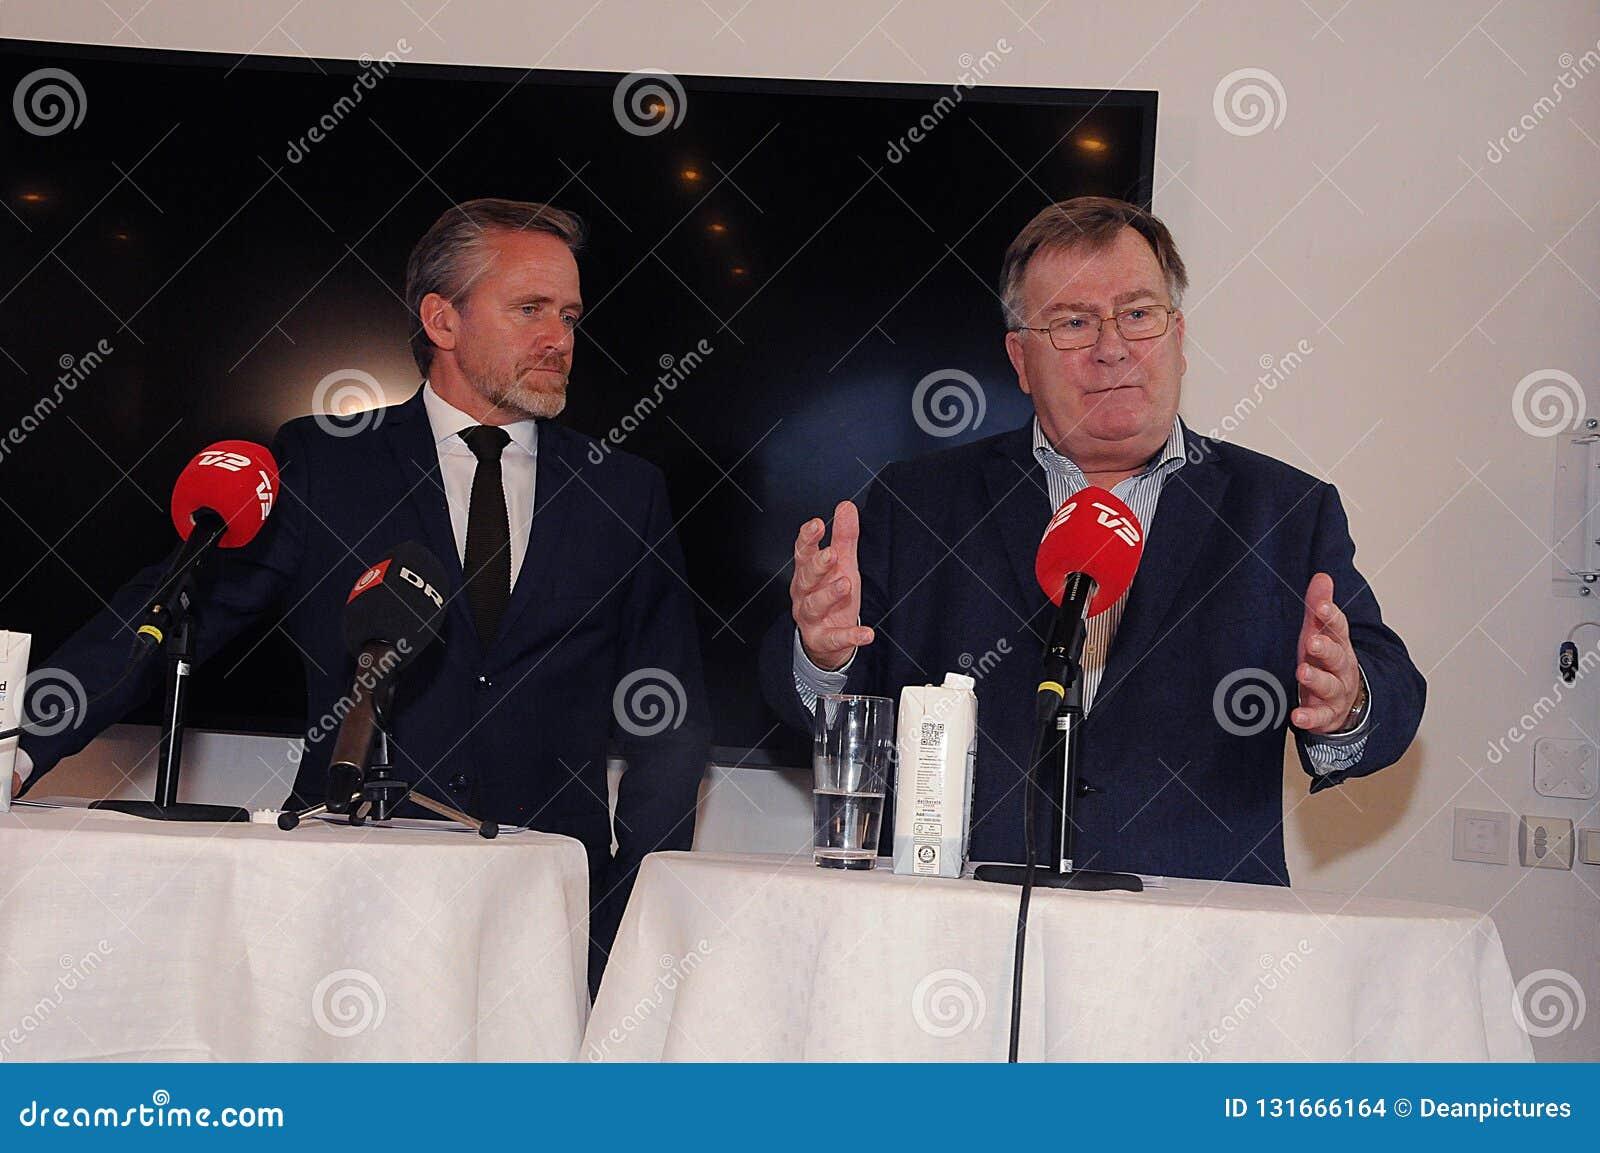 Copenhague/Danemark 15 Novembre 2018 Trois ministres du Danemark ministre danois d Anders Samuelsen des affaires étrangères minis